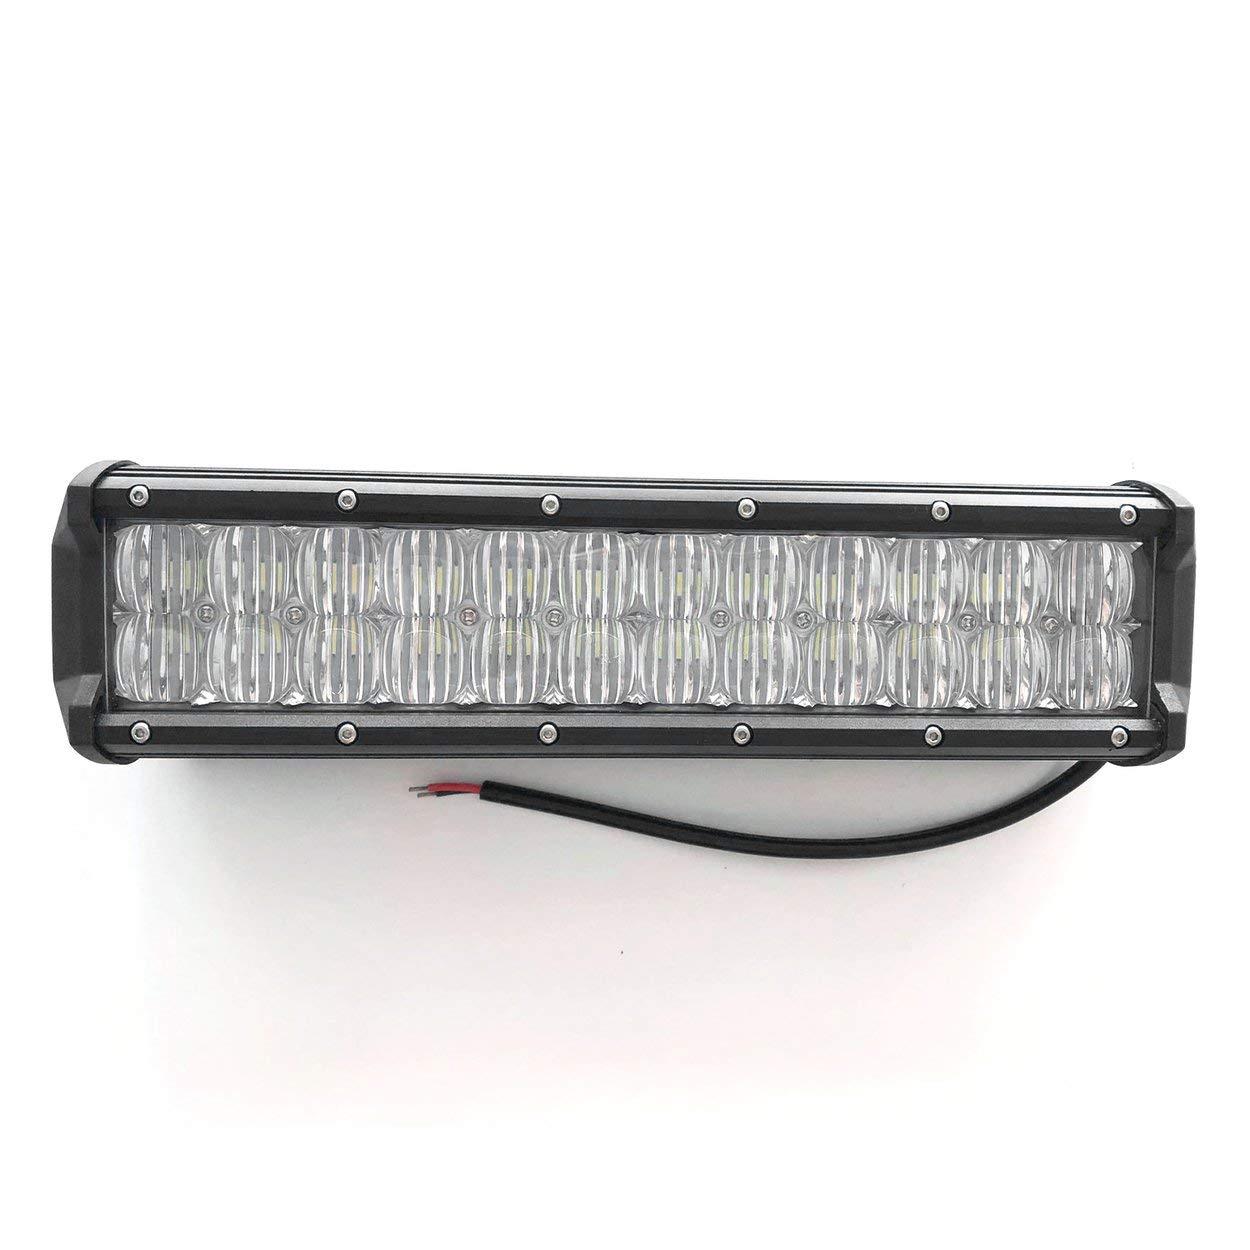 Lorenlli 120W 12 LED Light Bar Offroad pour PHILIPS 4D Led Lampe de conduite de faisceau de spot de barre de travail pour 12v 24v Camion SUV ATV 4x4